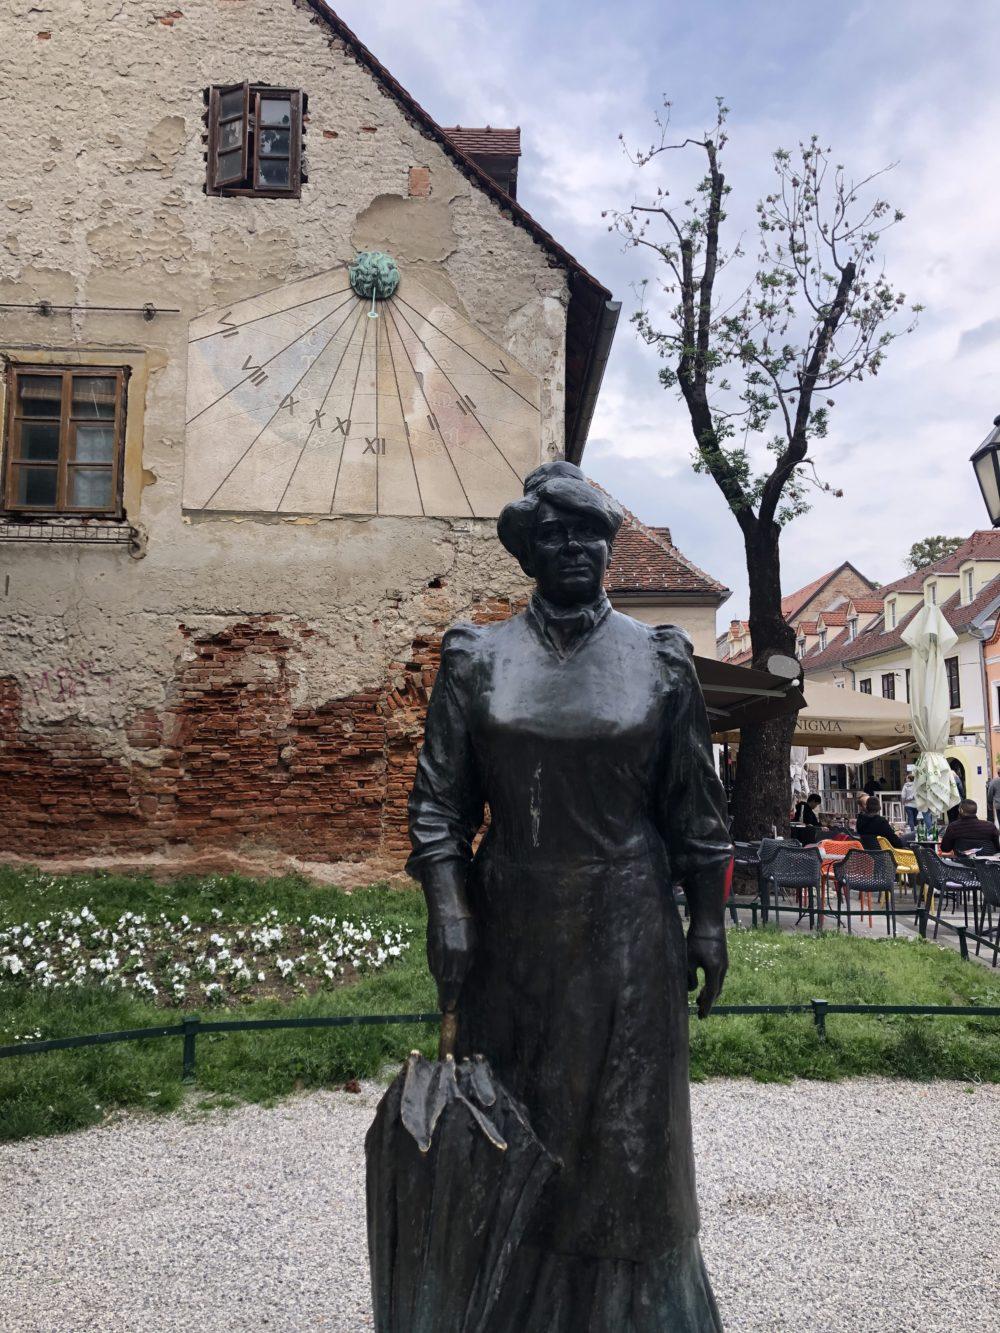 Zagreb attraction in Croatia